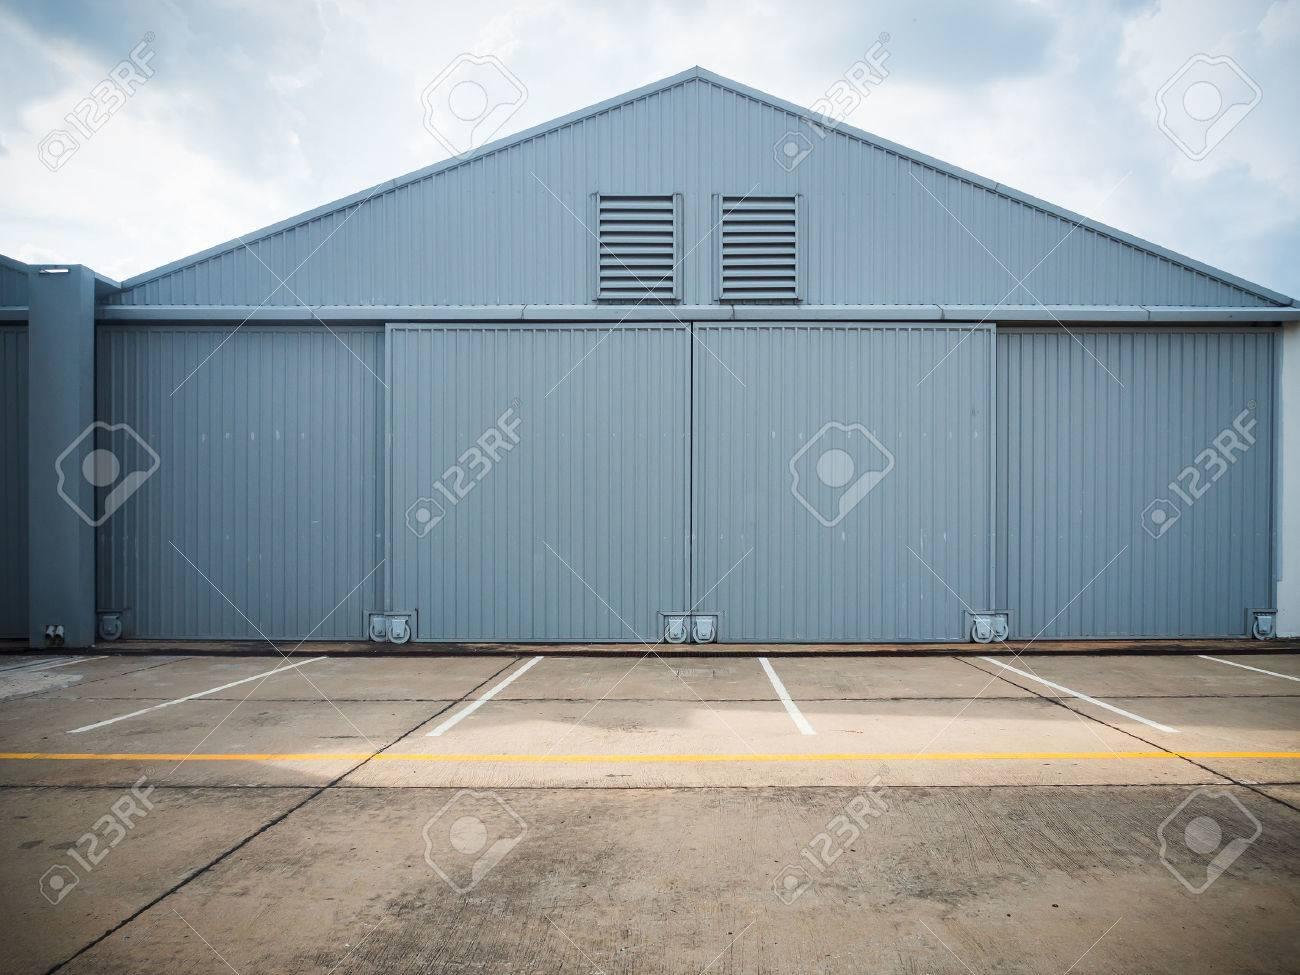 Closed warehouse doors. - 34564465